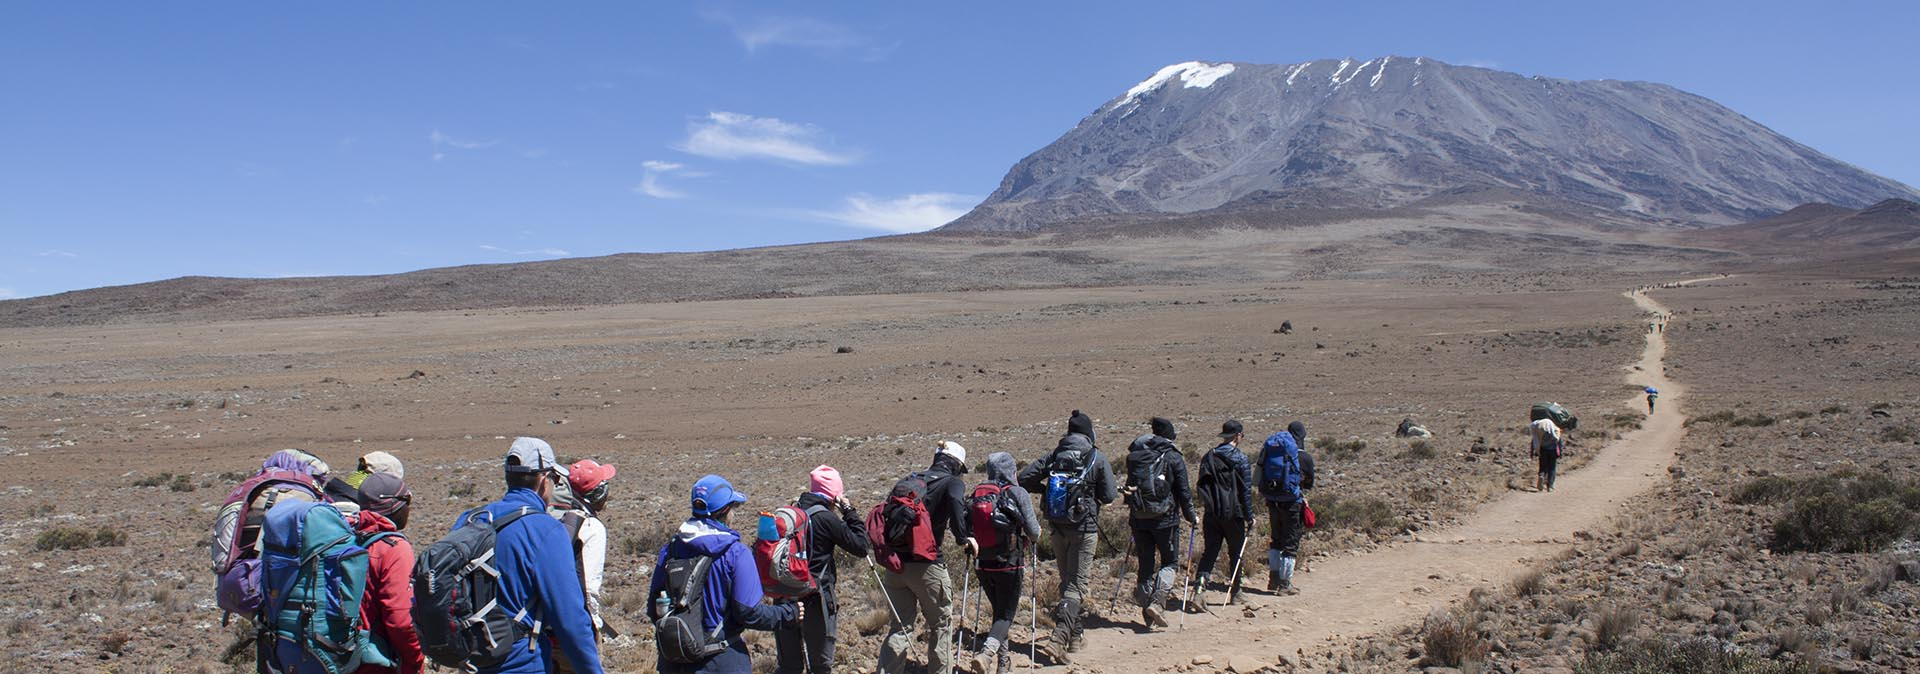 kilimanjaro trekking trip